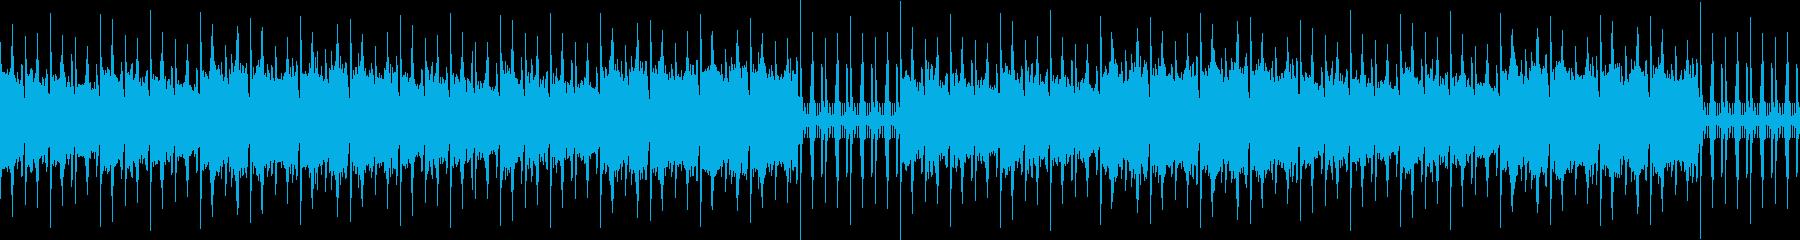 オープニングオーケストラ・爽やか勇壮の再生済みの波形